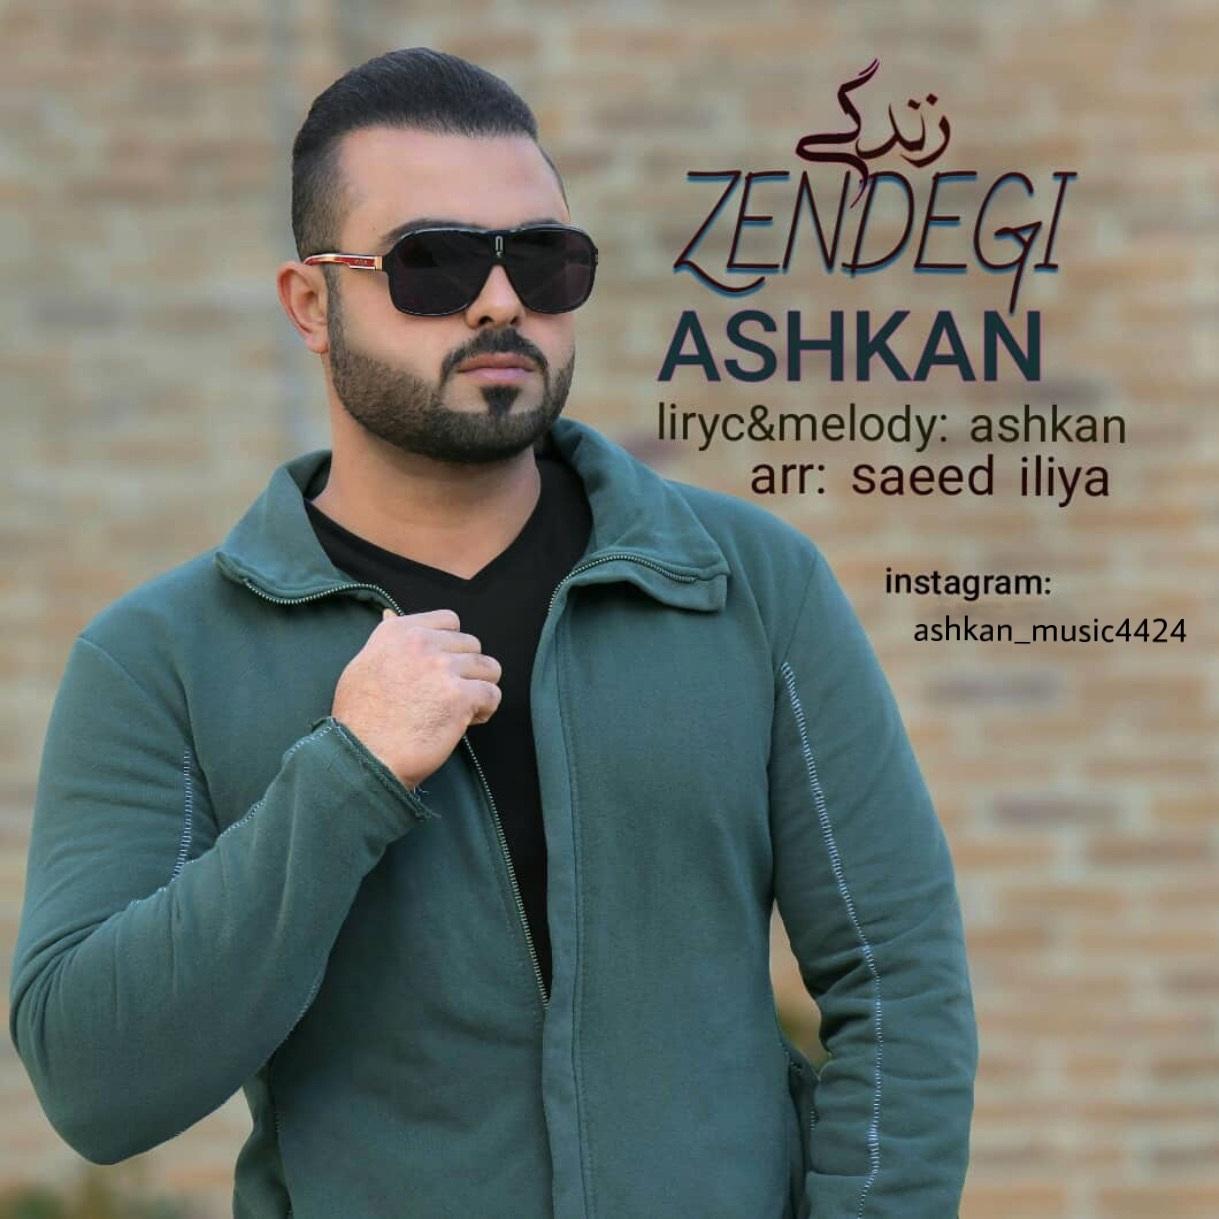 Ashkan – Zendegi